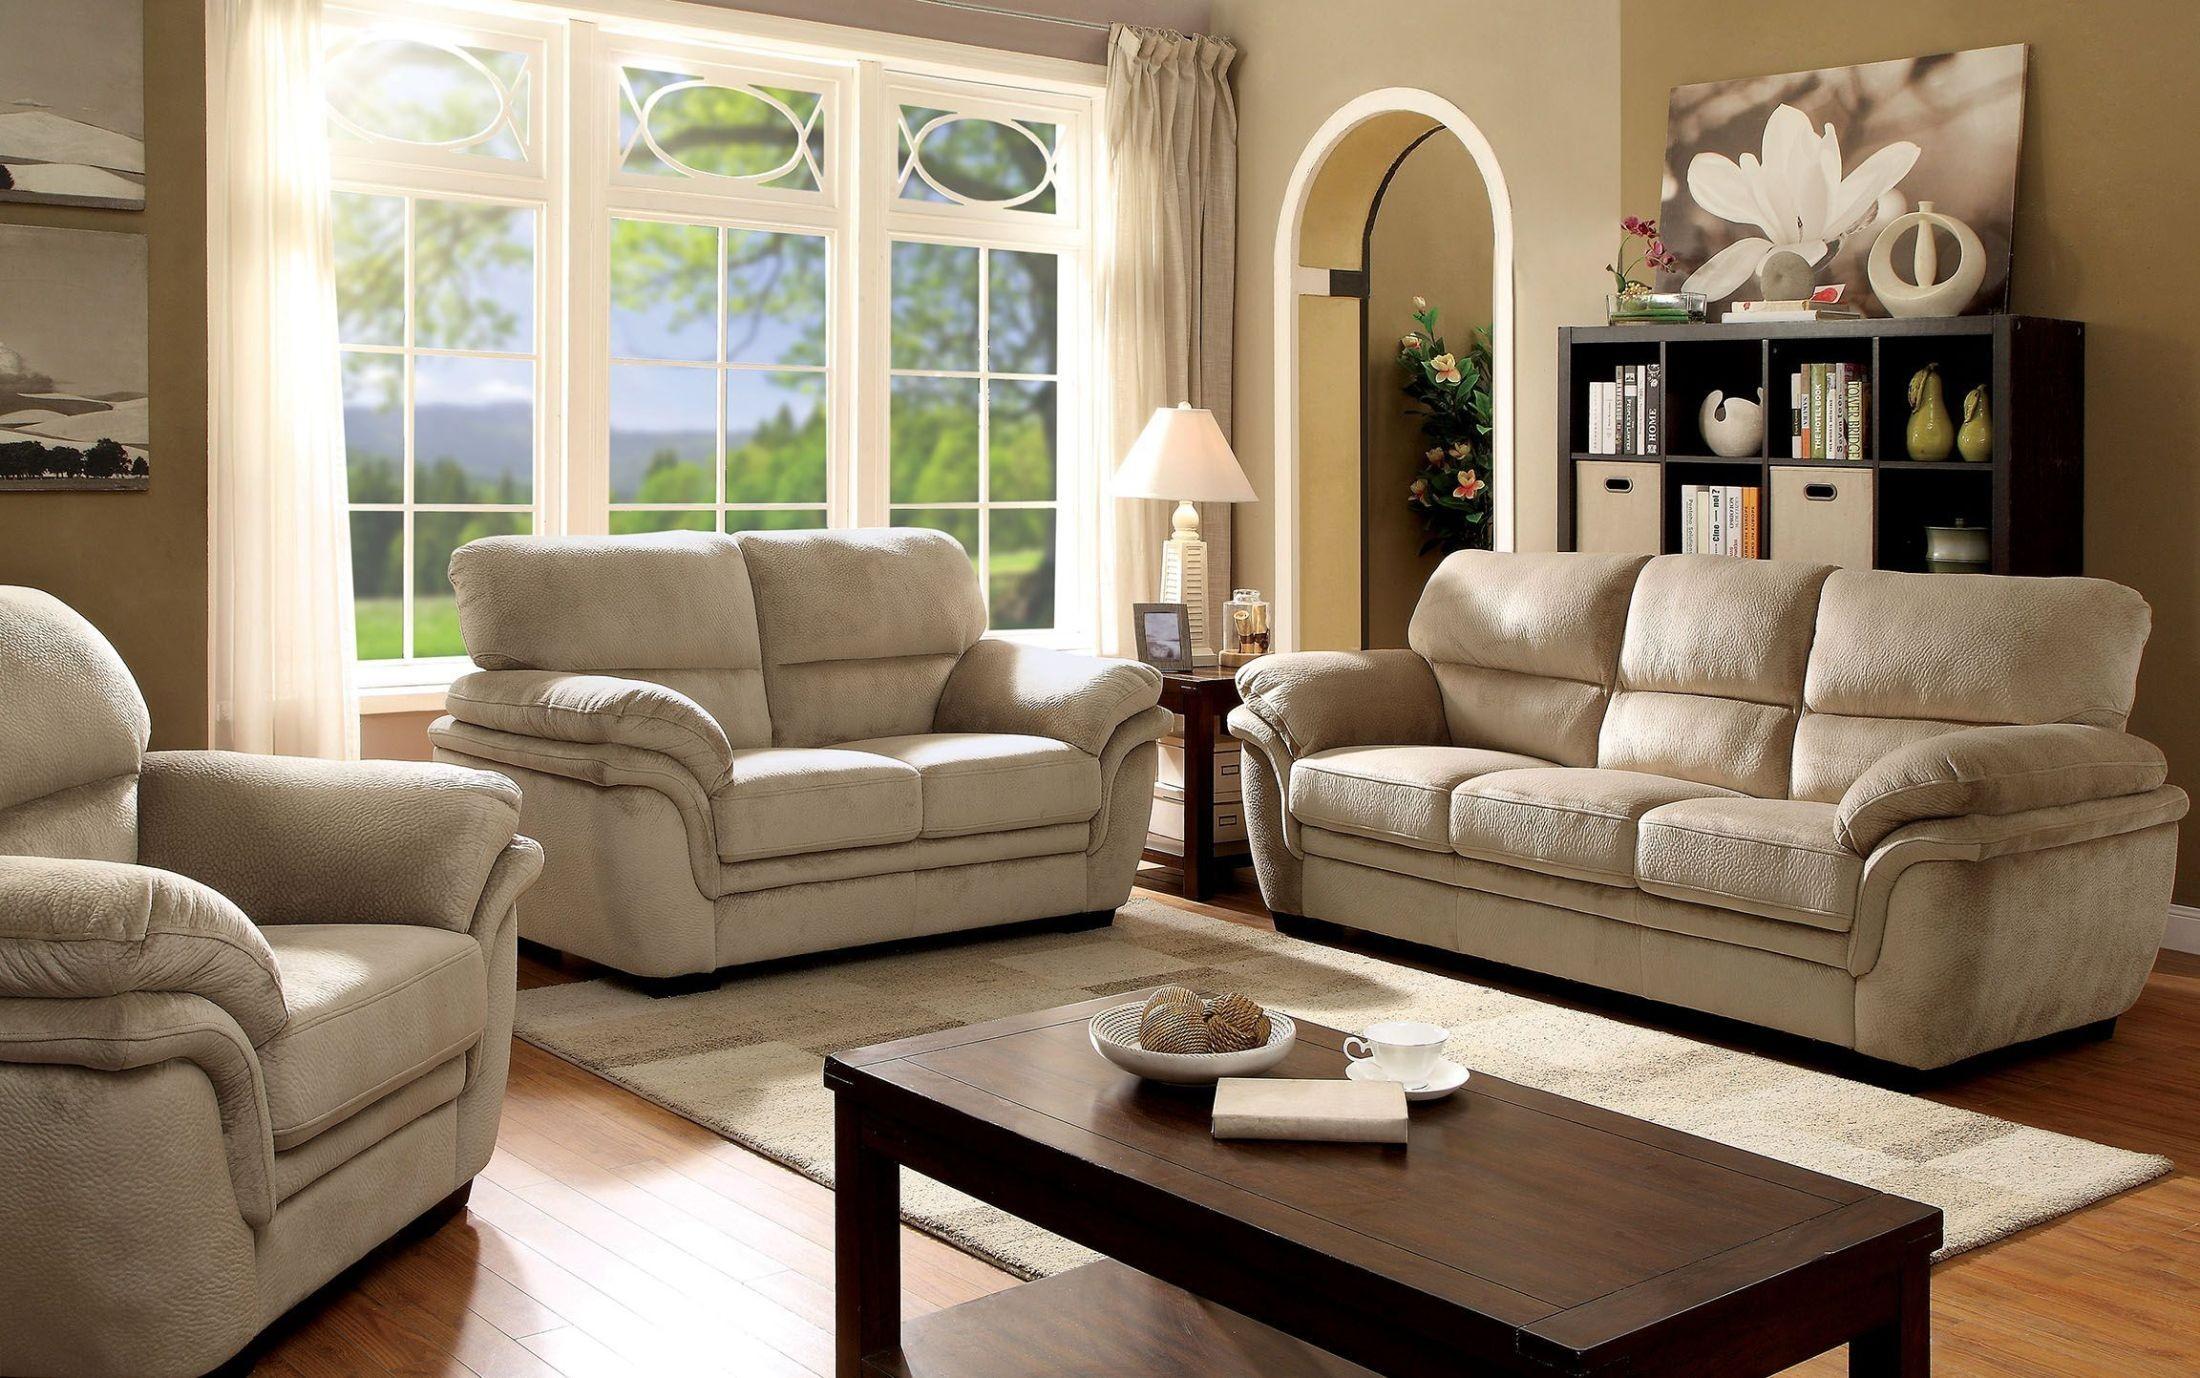 Living Room Furniture Sets: Jaya Light Brown Living Room Set From Furniture Of America